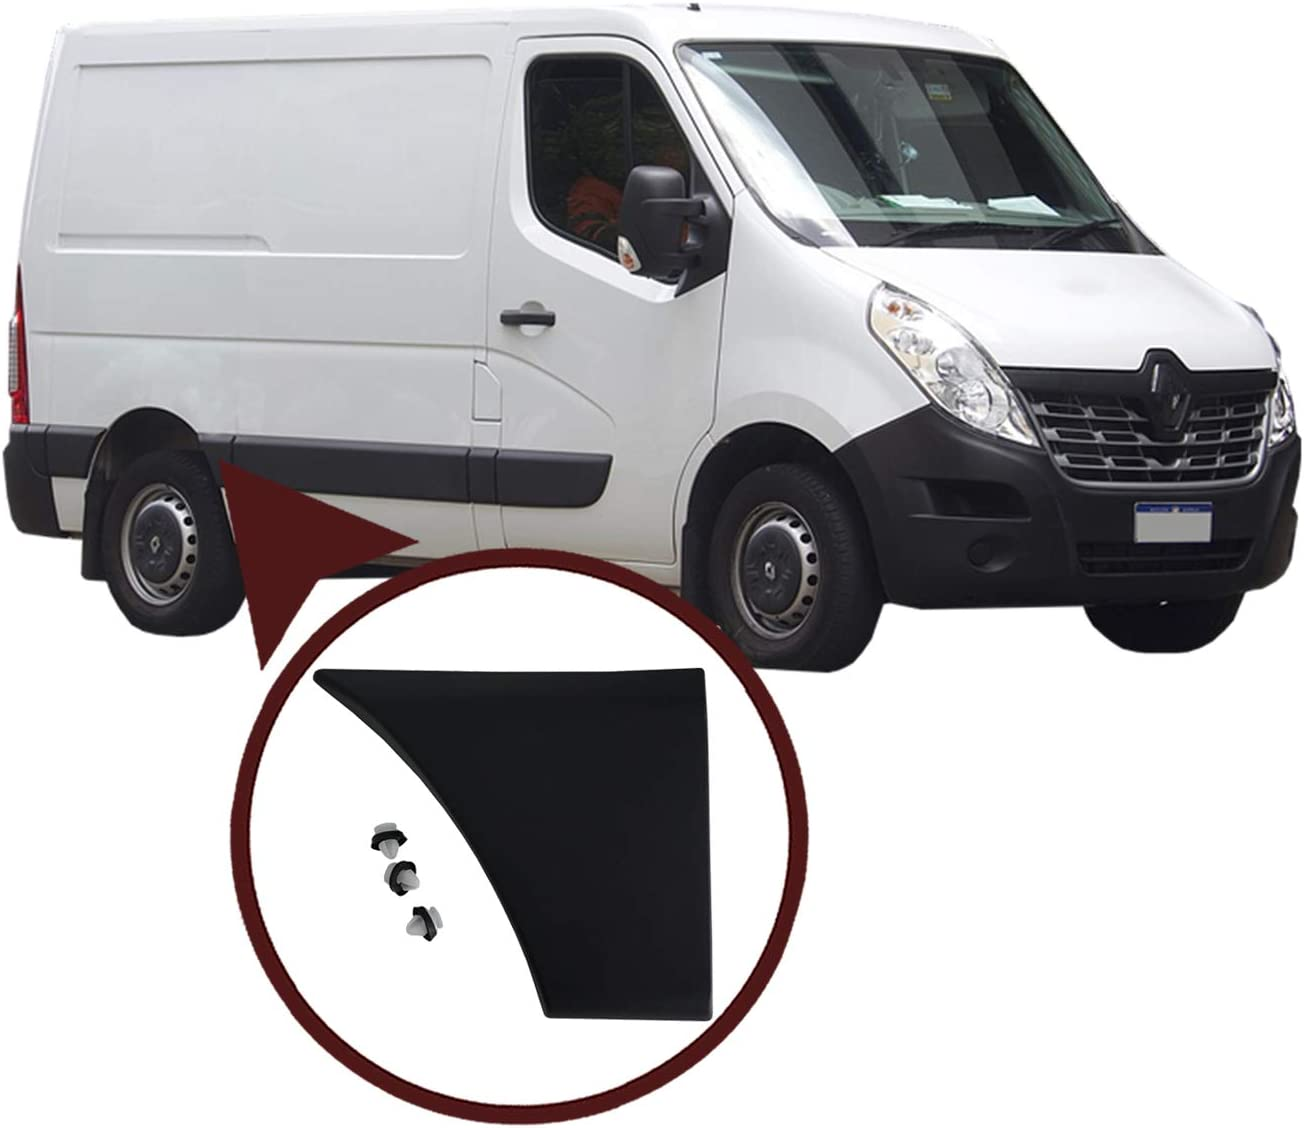 ESC ESP960 Puerta Lateral Moldeo Rub Tira Trasera Derecha 768F30004R para R.e.n.a.u.l.t Master MK3 NV400 Movano